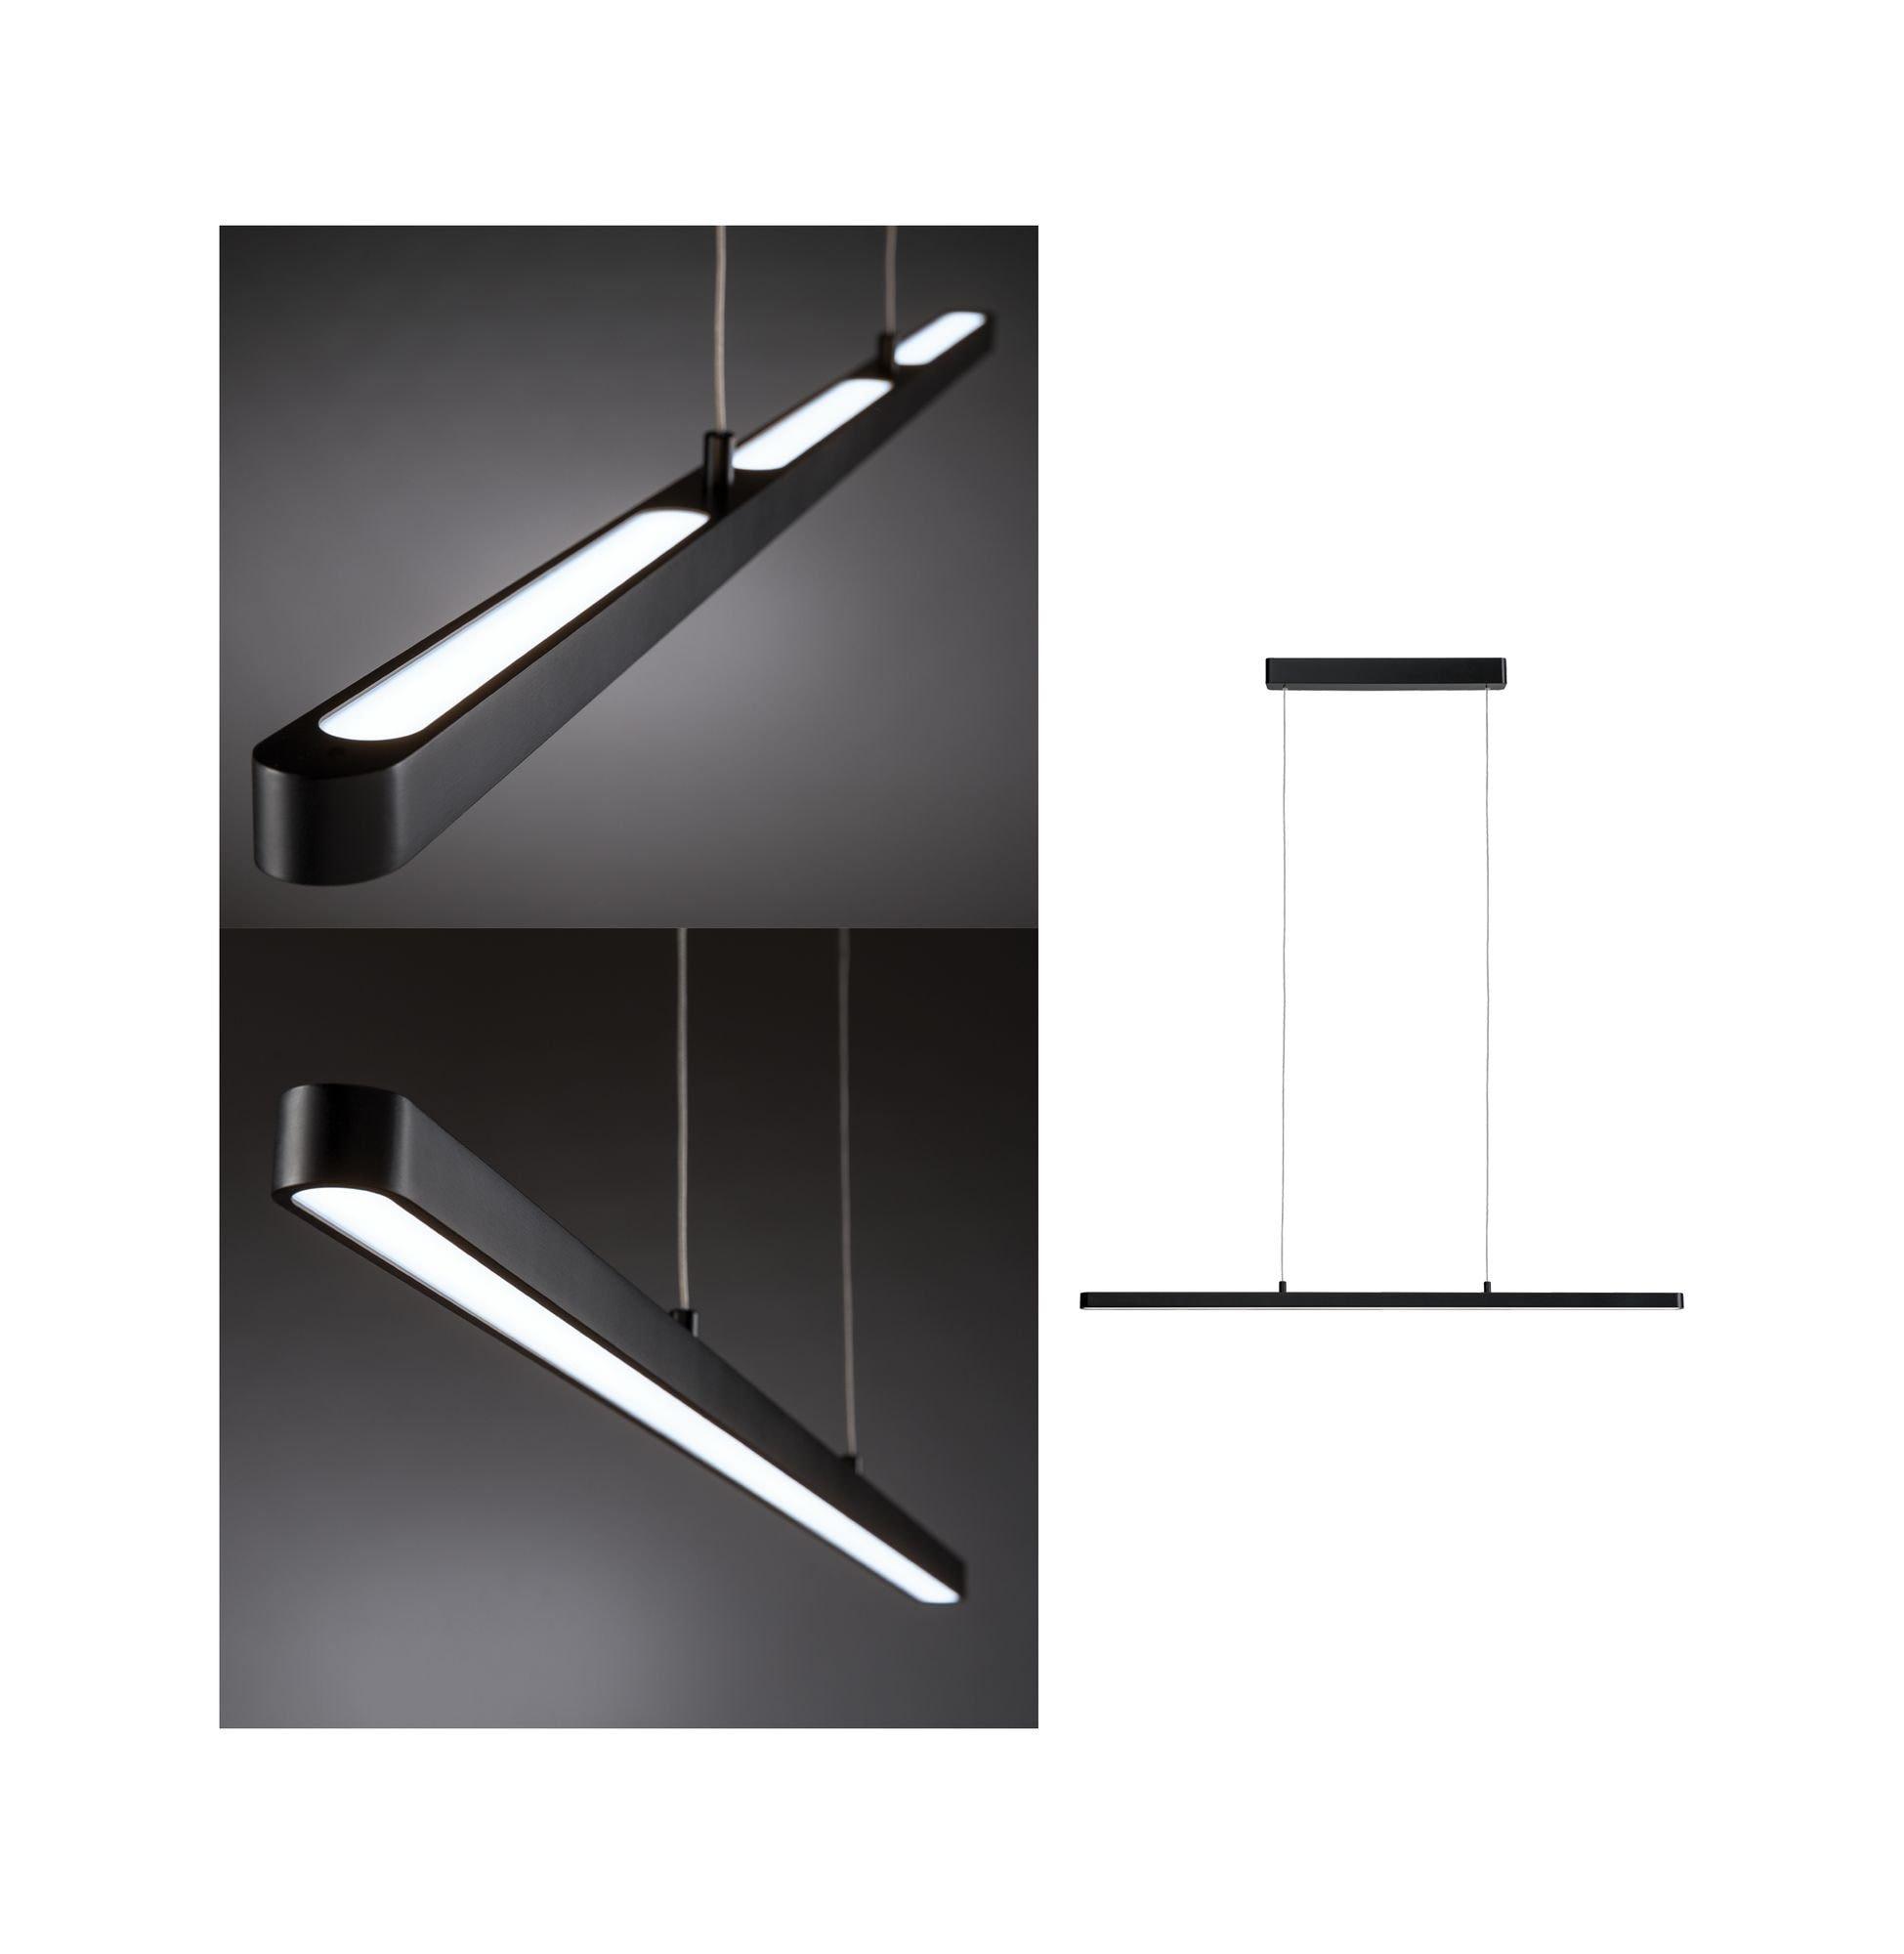 Paulmann,LED Pendelleuchte BLE Lento 43W Tunable White dimmbar höhenverstellbar